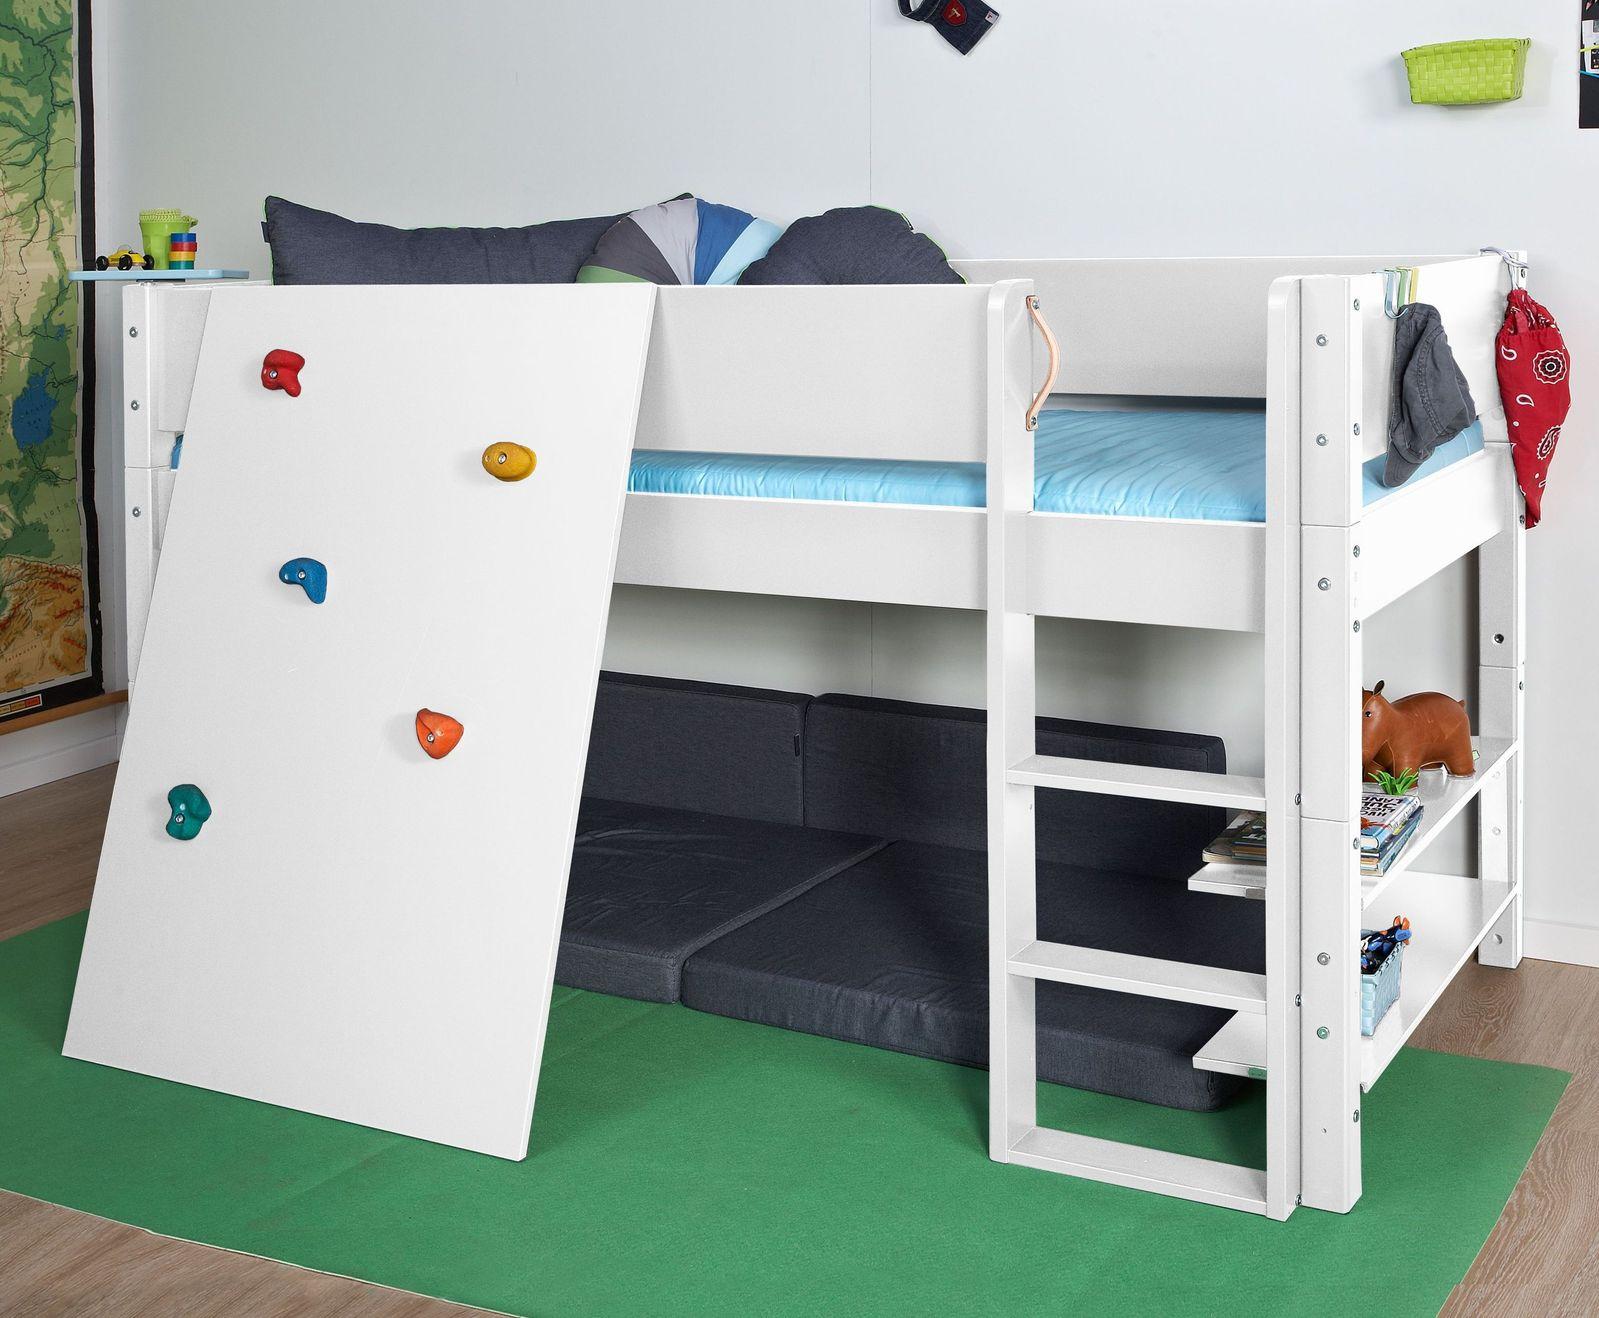 Niedriges Etagenbett : Niedriges hochbett z b in weiß mit kletterwand kids town